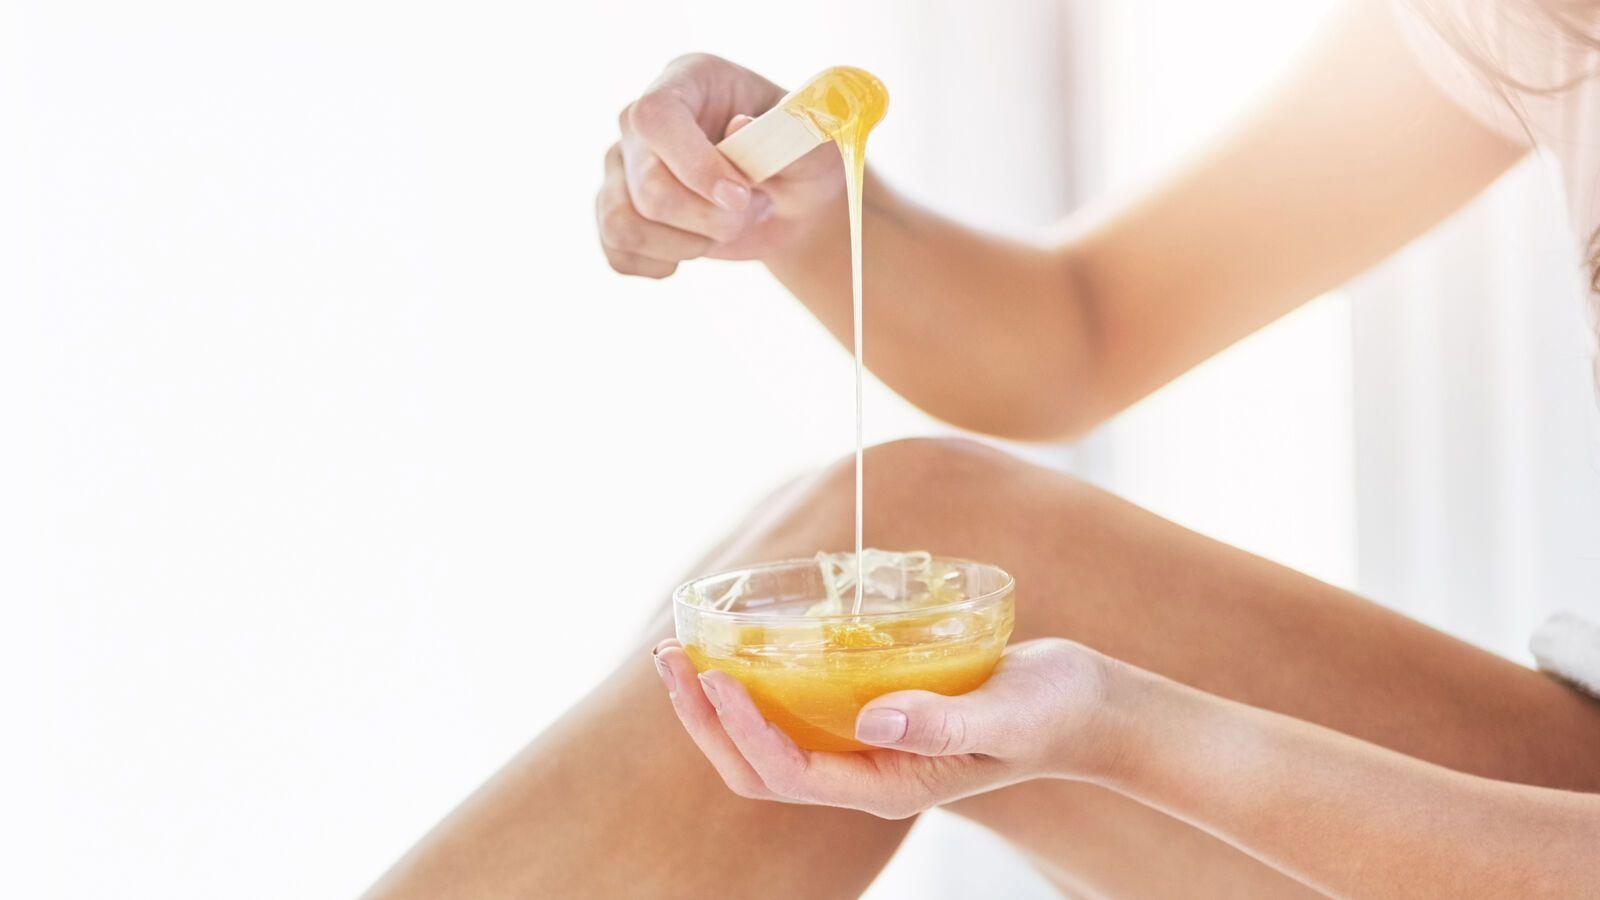 Waxing zuhause: Die 5 wichtigsten Regeln für ein (fast) schmerzfreies Waxing